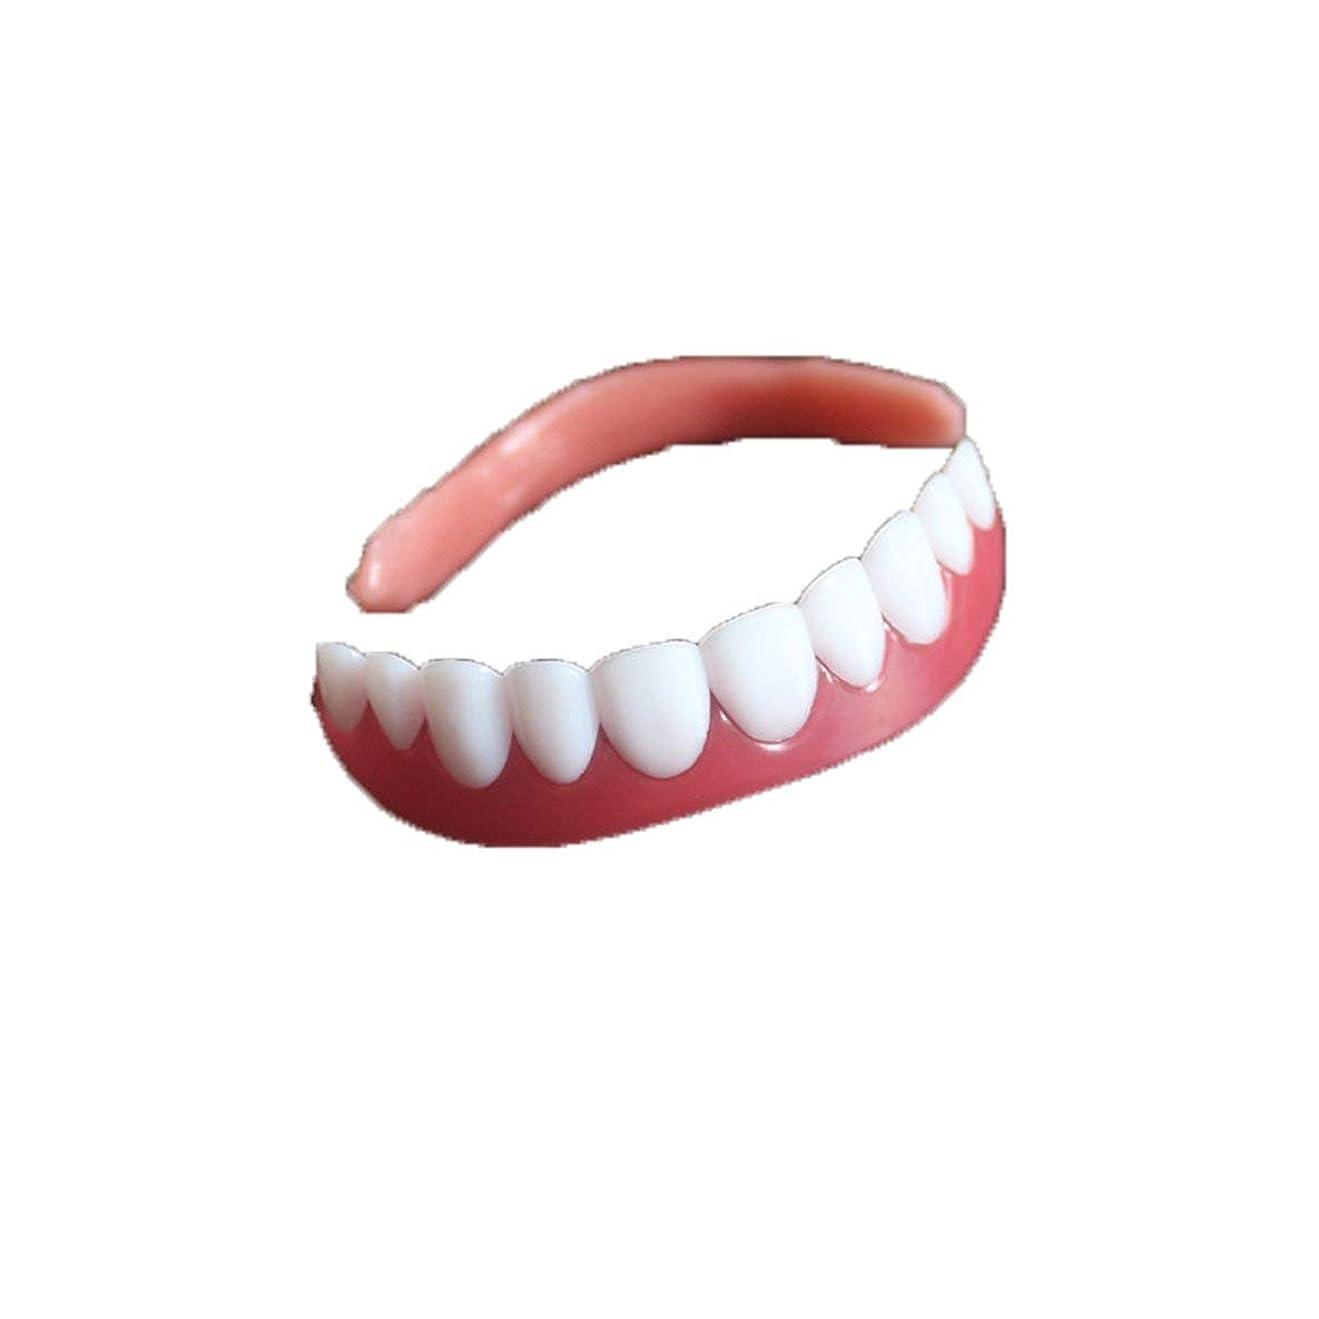 ルアー四半期マサッチョBirdlanternパーフェクトインスタントスマイルコンフォートフレックス歯ホワイトニング義歯貼り付け偽歯アッパー化粧品突き板歯カバー美容ツール